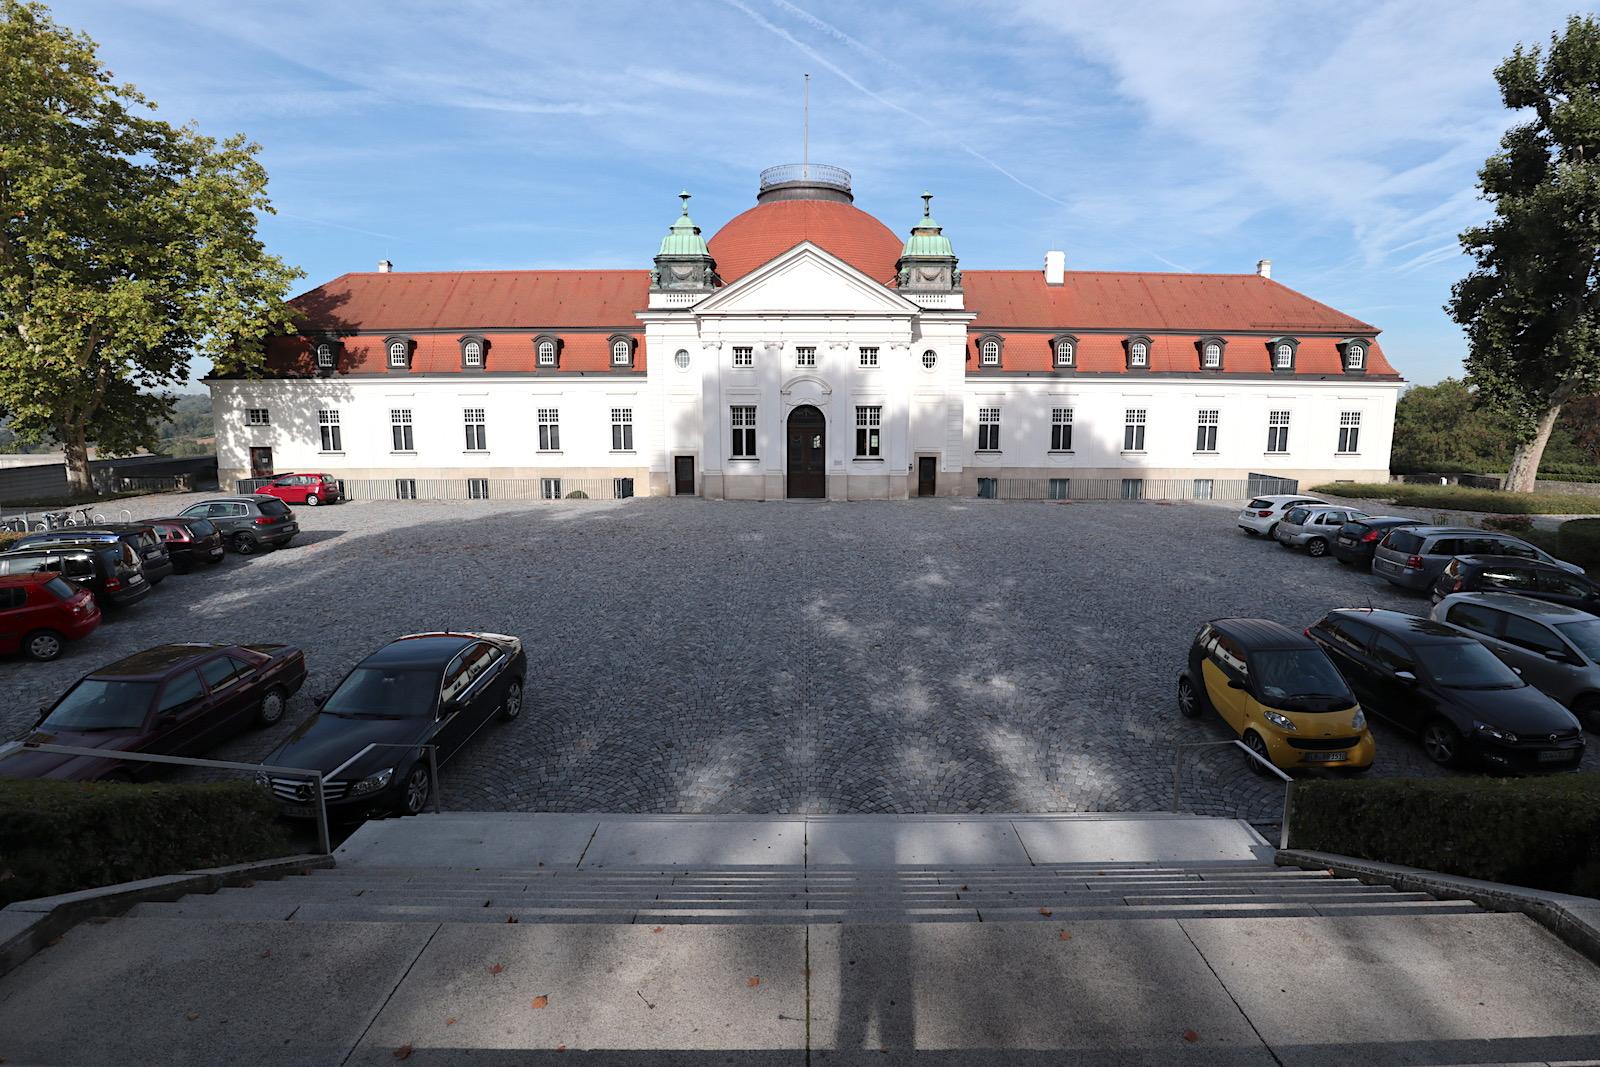 Schiller-Nationalmuseum. Entwurf: Ludwig Eisenlohr und Carl Weigle, Fertigstellung: 1903.